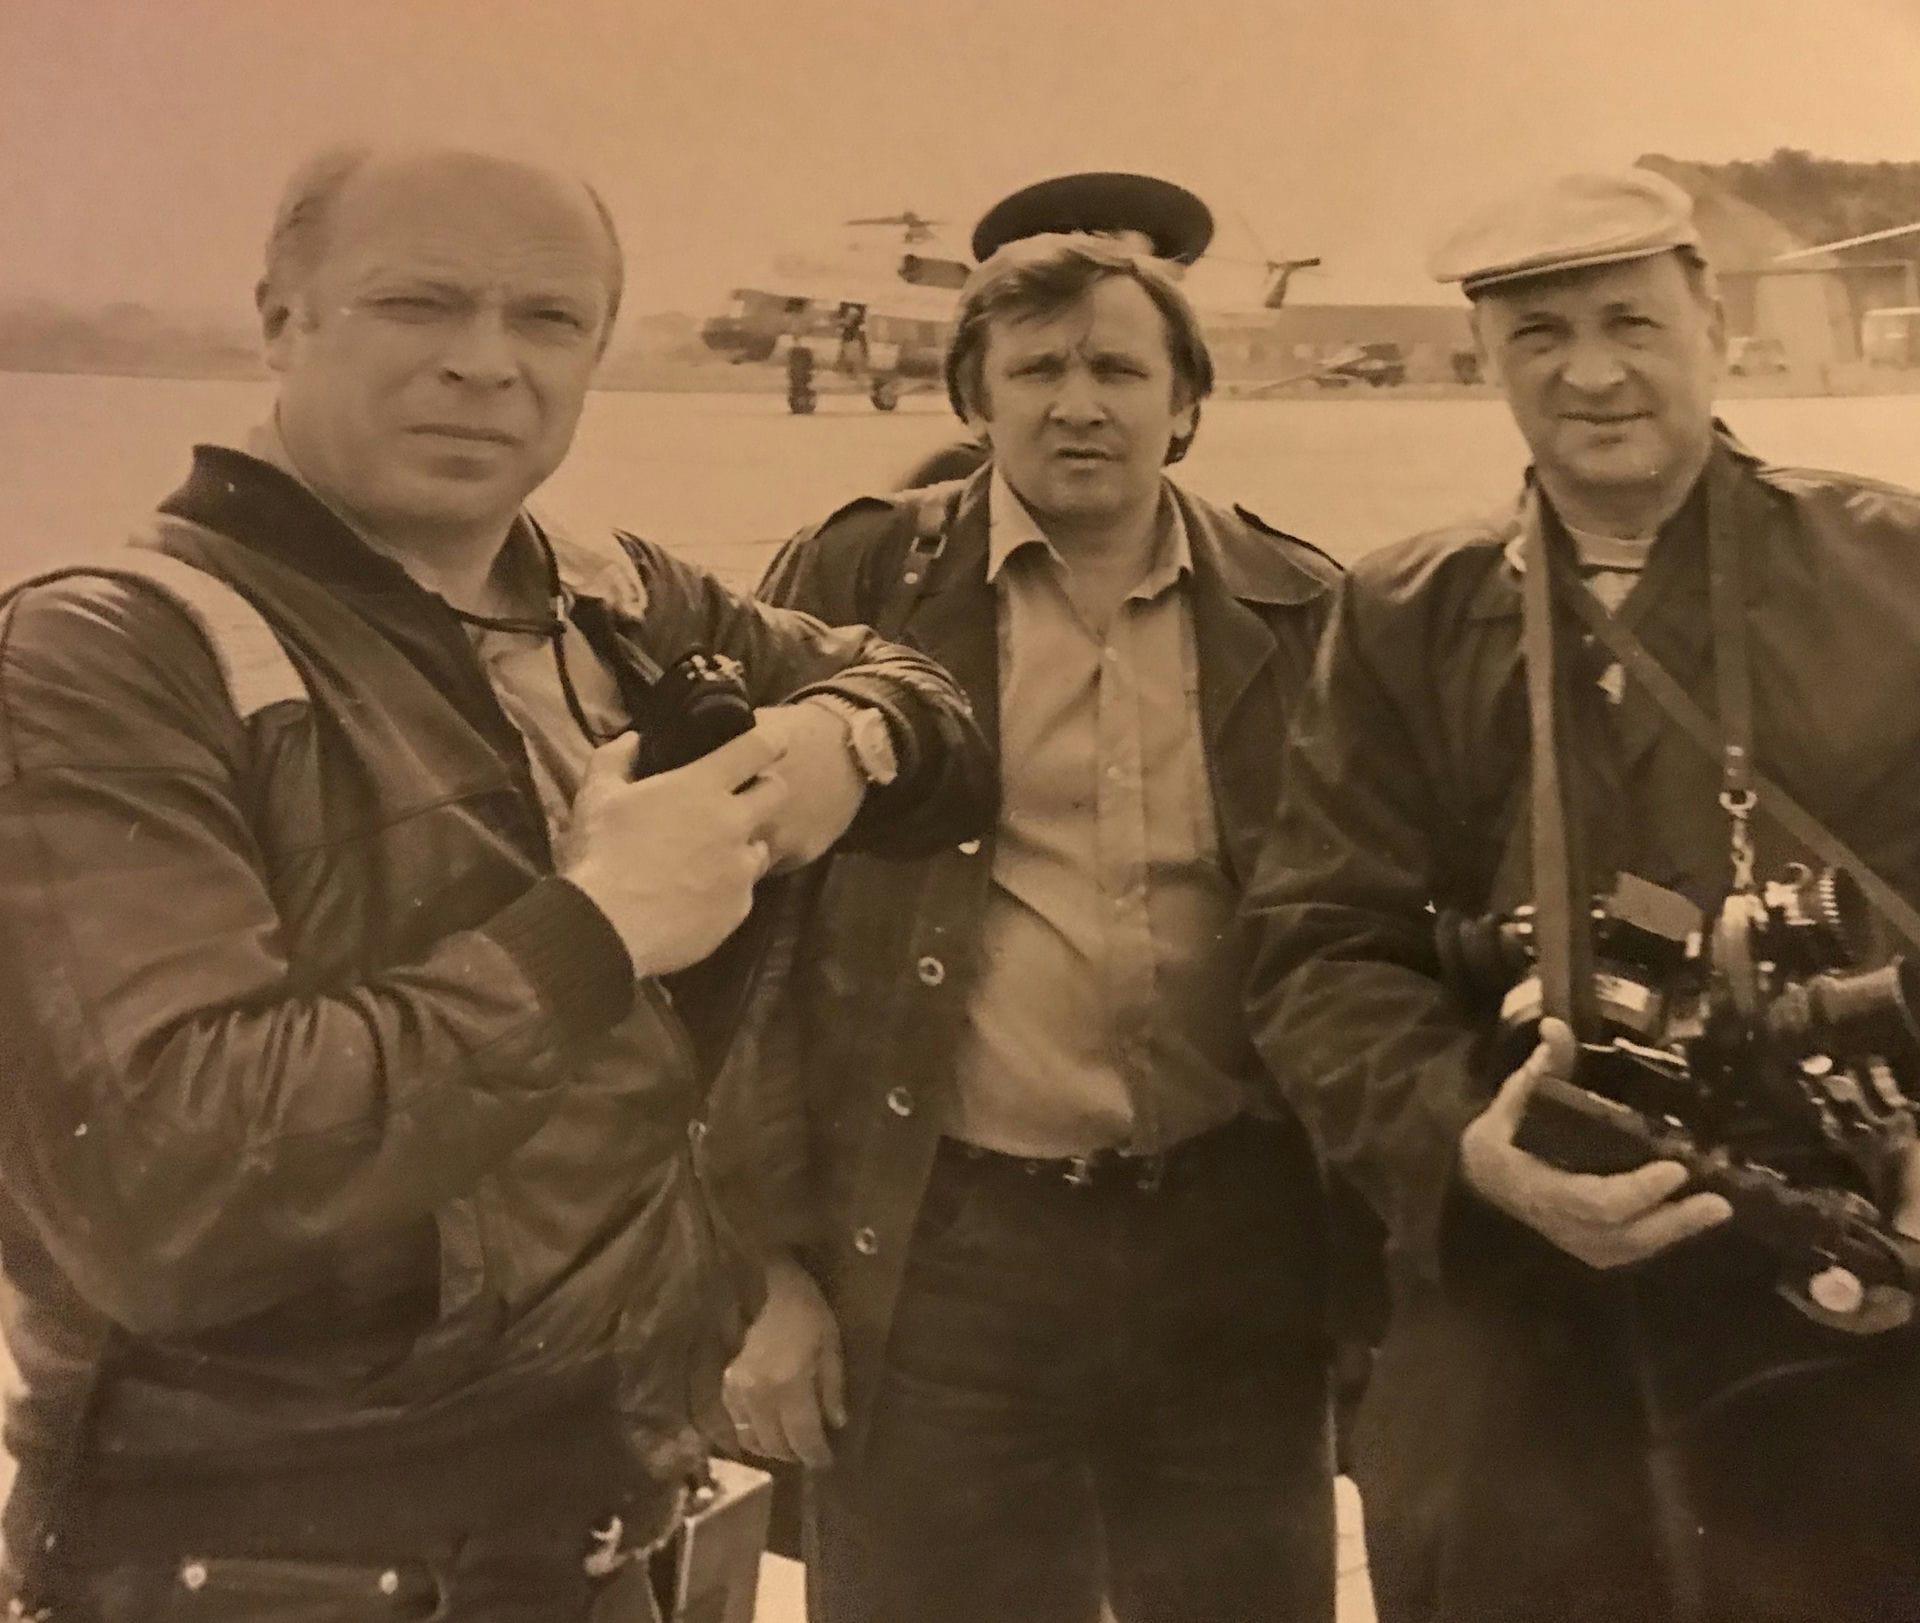 Экспонат #19. БАМ, Комсомольск-на-Амуре. 1984 год